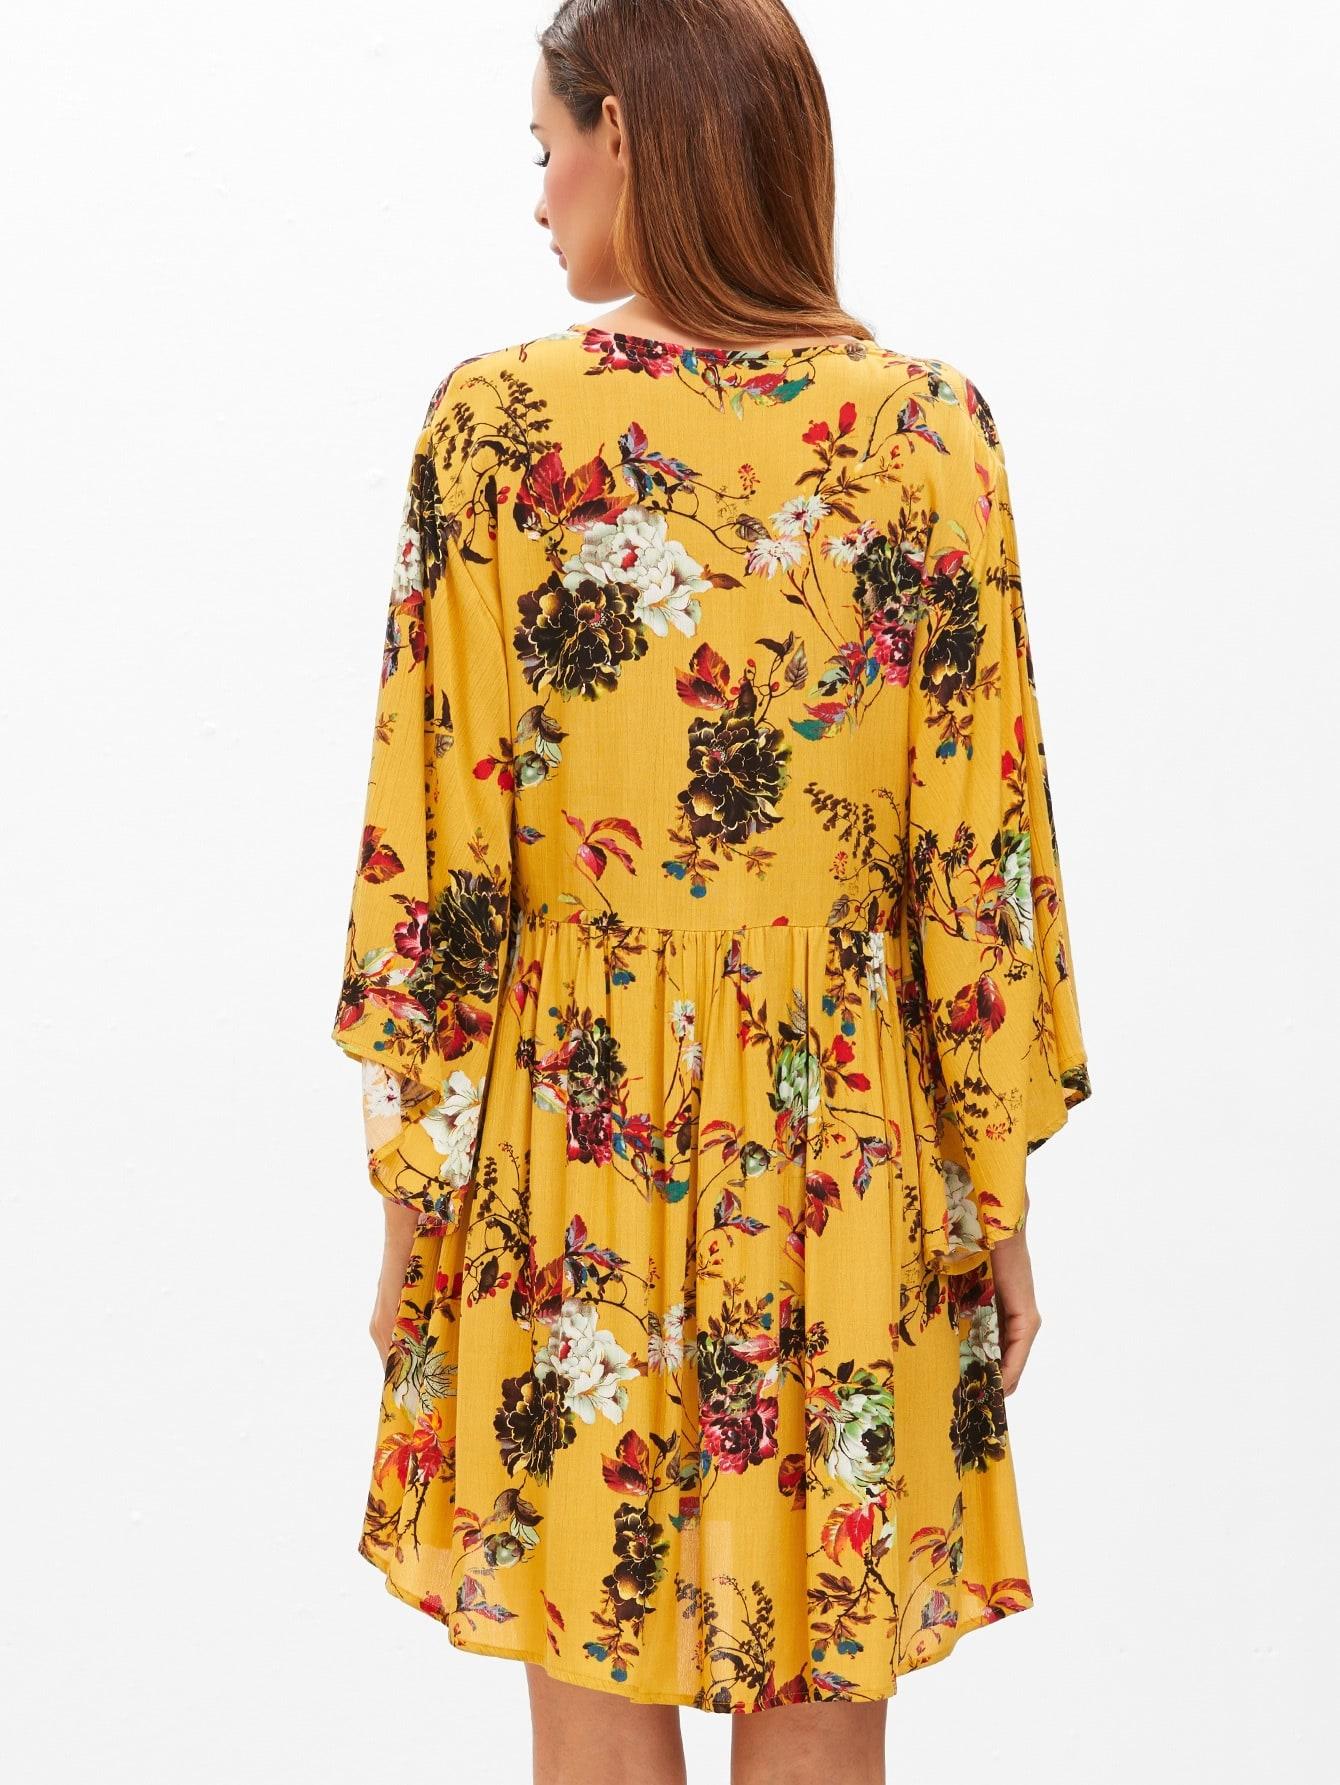 dress170309455_2